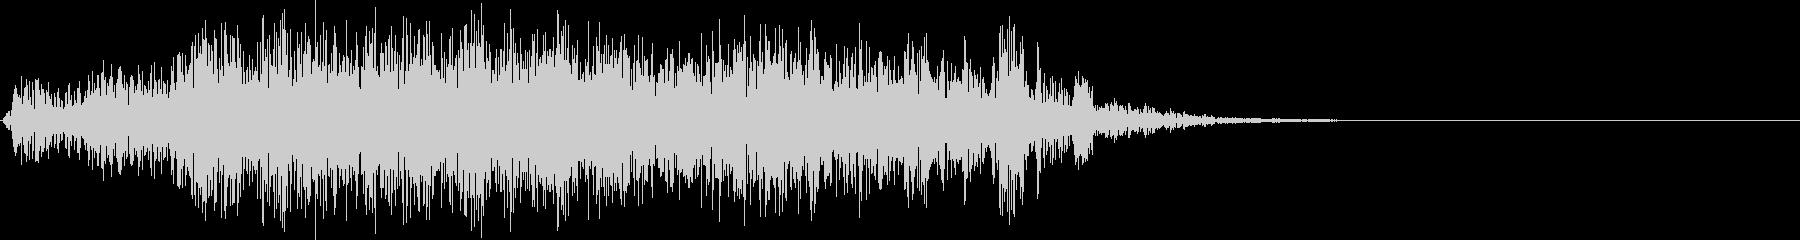 グオー。獣の鳴き声(低)の未再生の波形